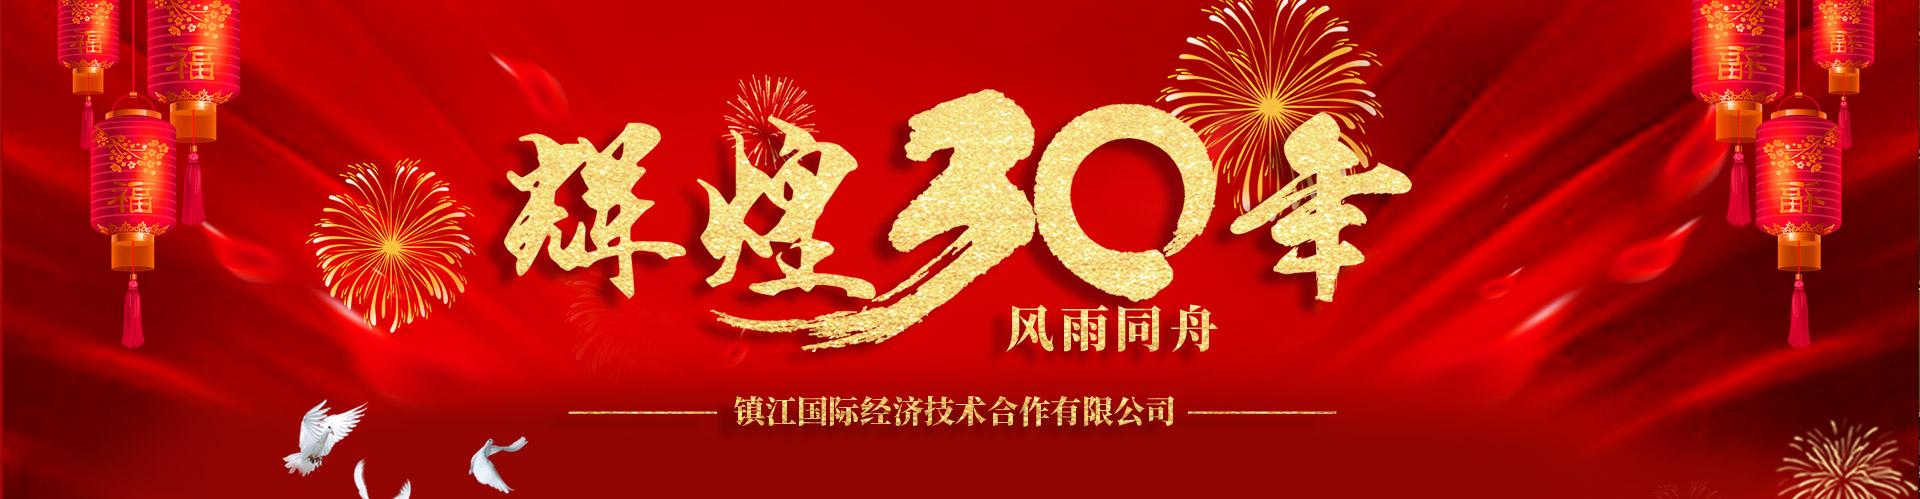 30周年慶